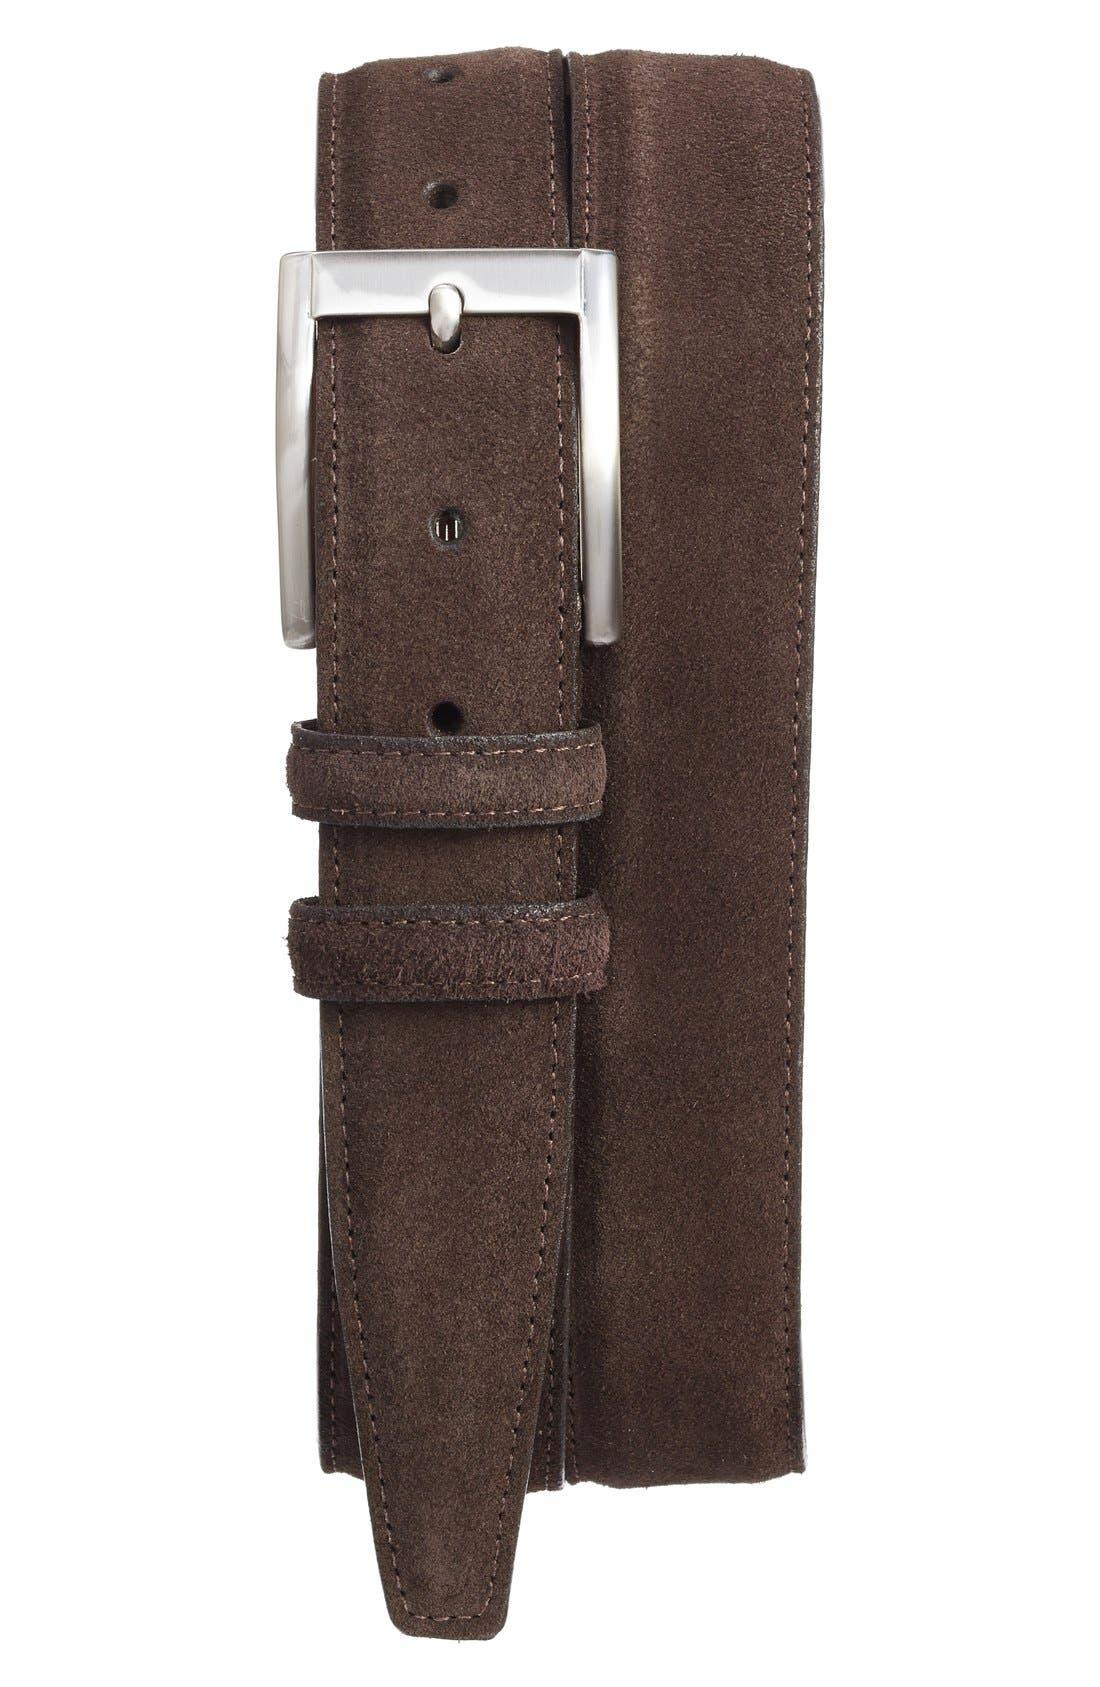 Alternate Image 1 Selected - Torino Belts Suede Belt